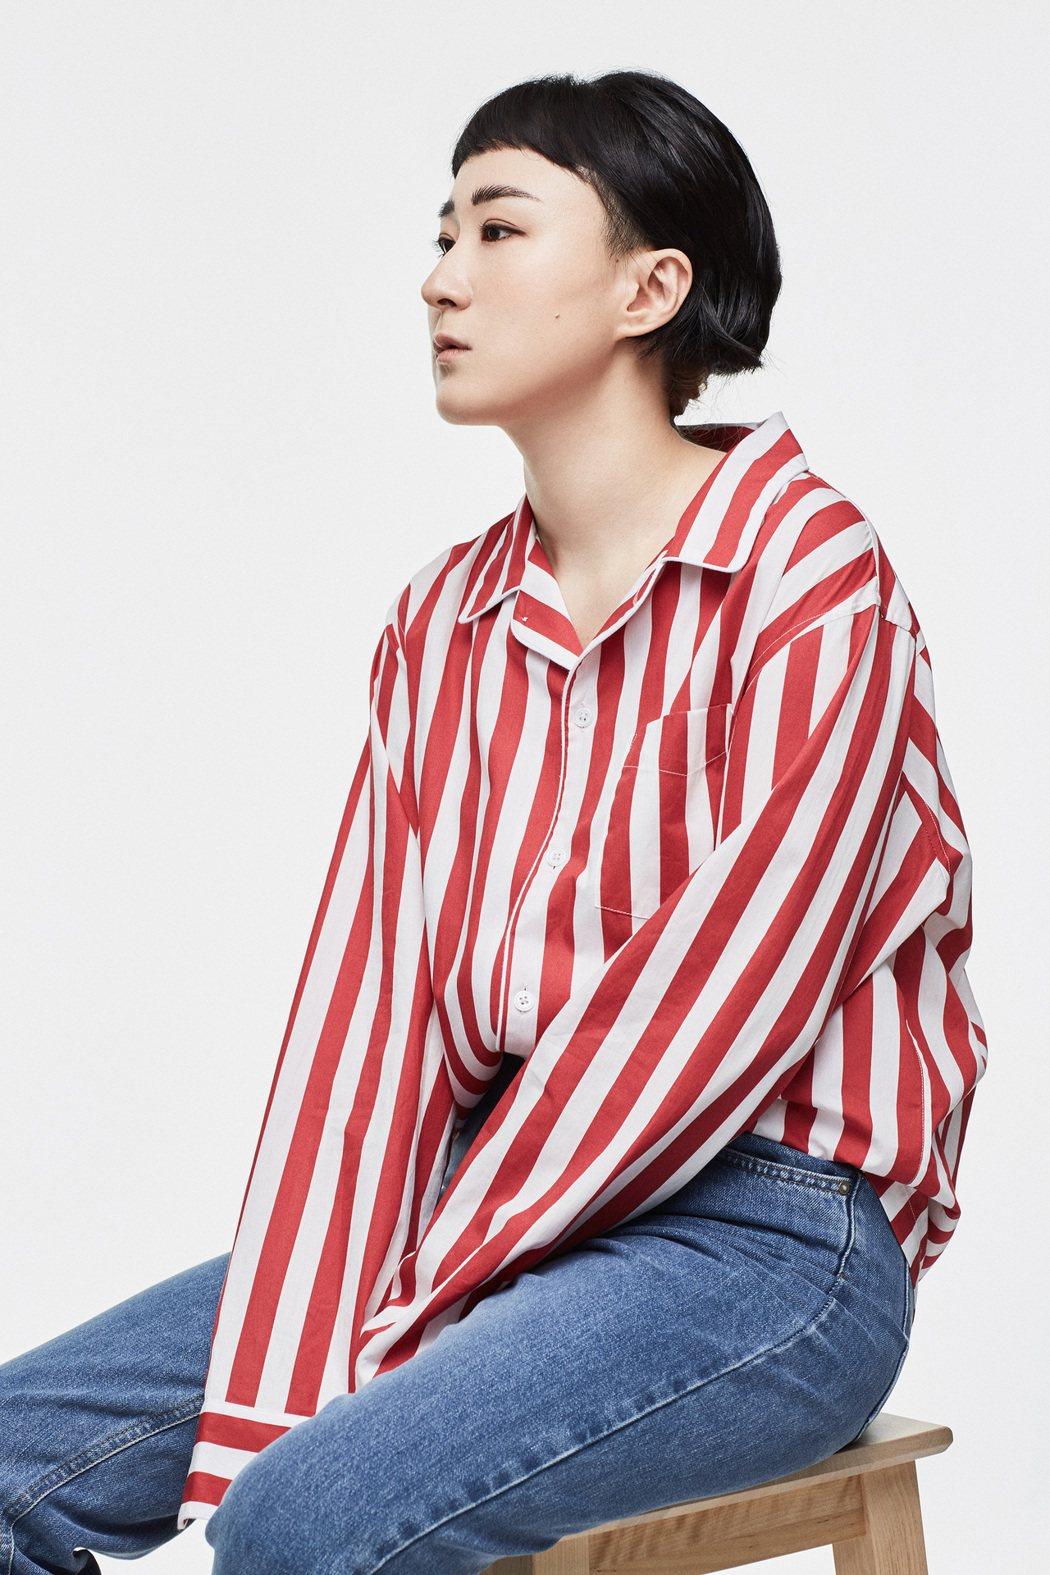 鮮于貞娥是韓國偶像推手之一。圖/Little M Live 提供